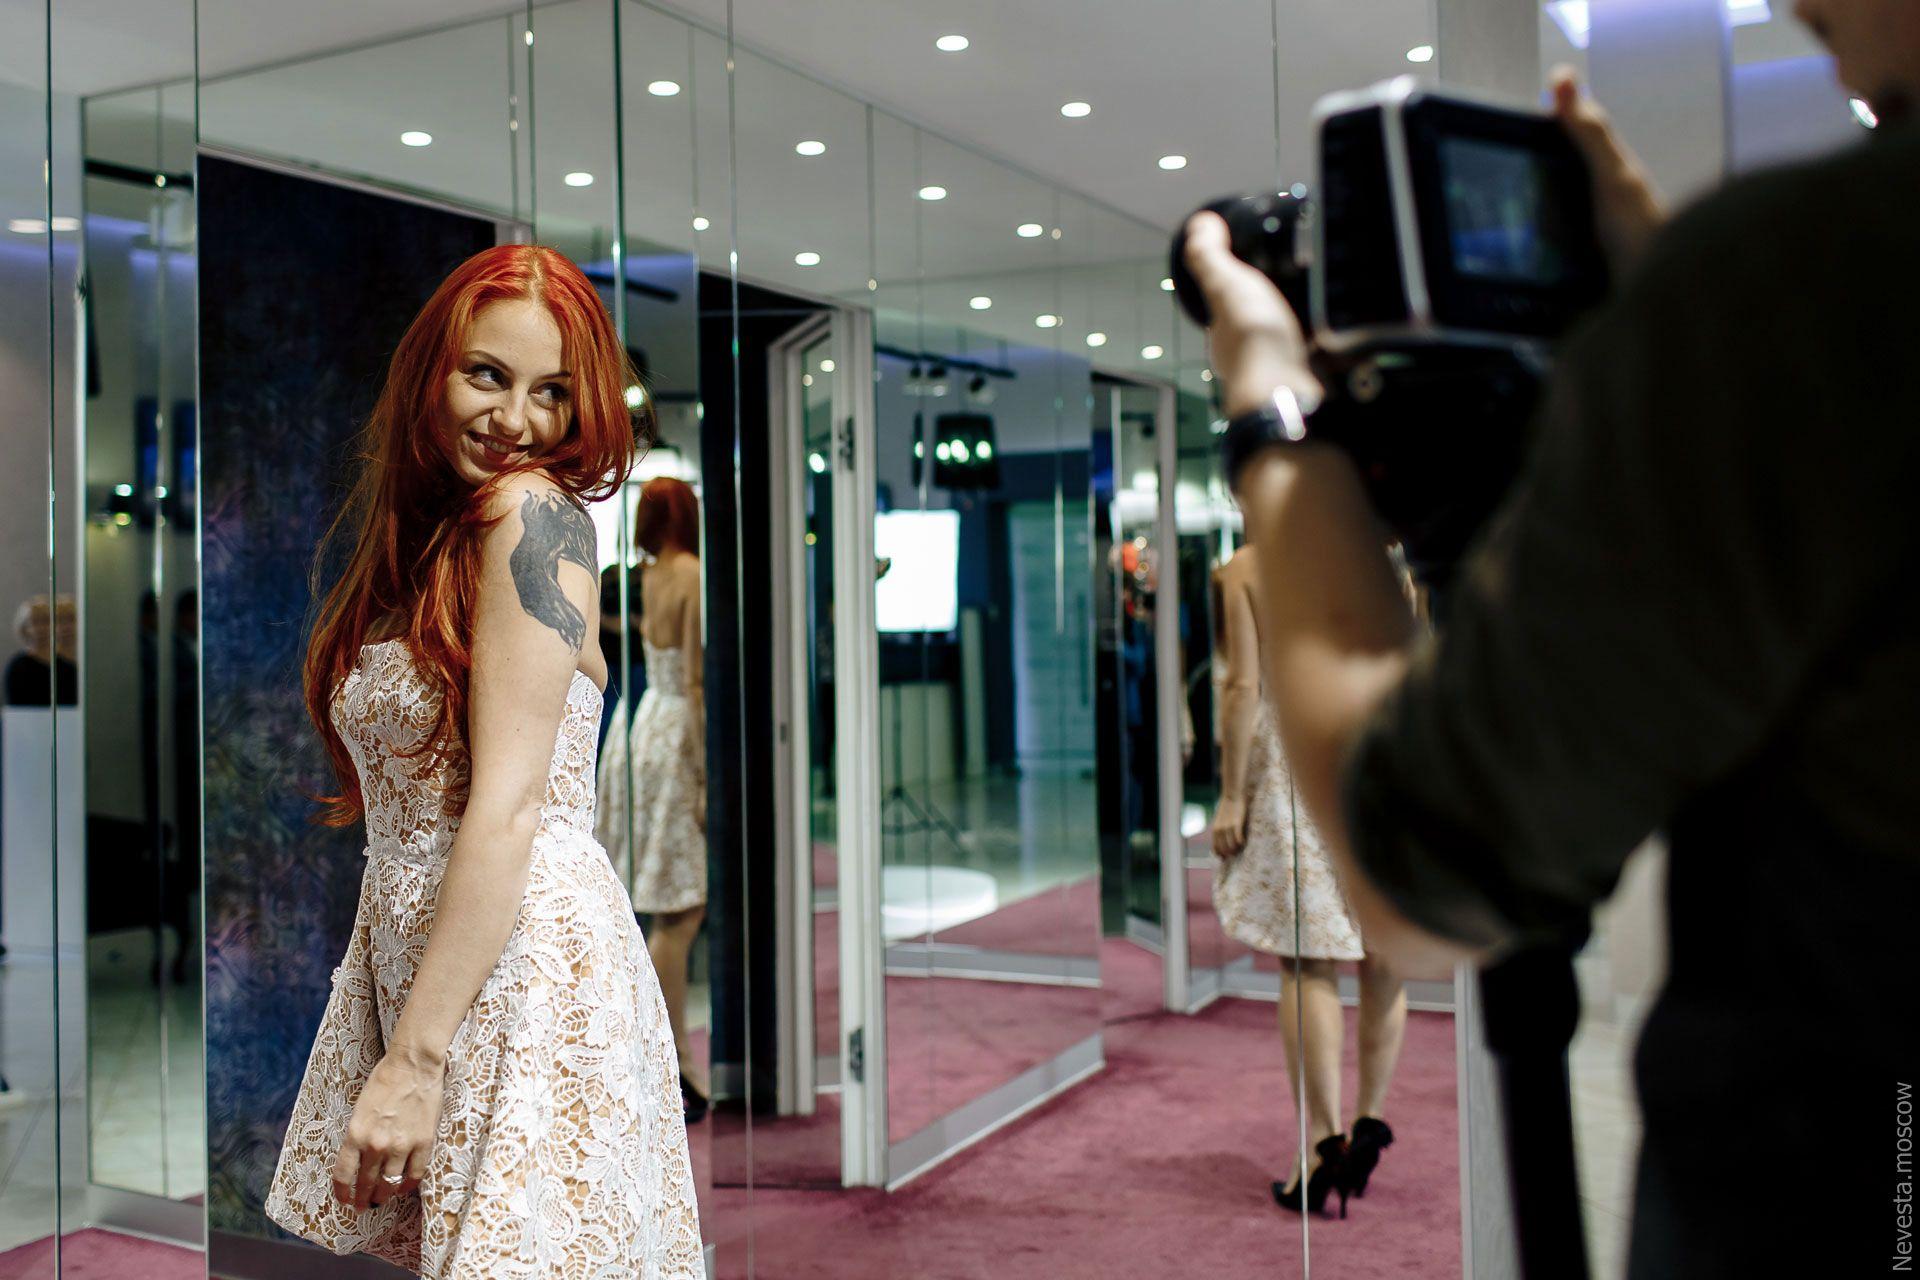 Солистка группы «Чи-Ли» Ирина Забияка примеряет платье, фото 12